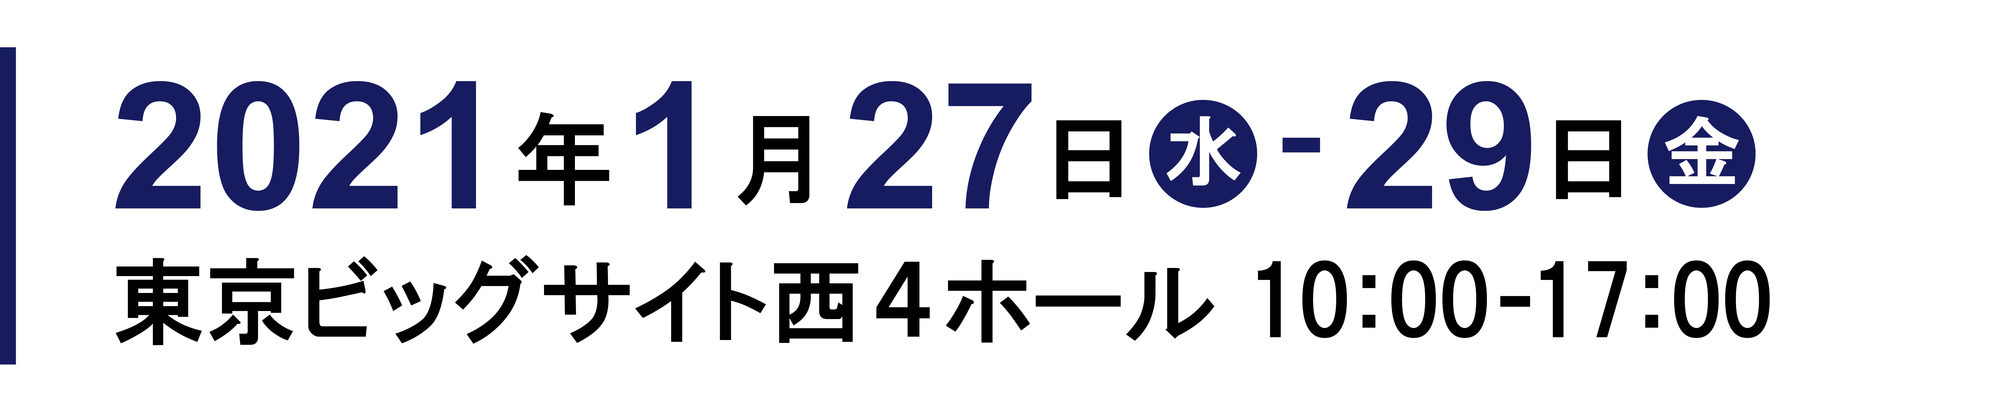 ケアショー・ジャパン 2021年1月27日(水)28日(木)29日(金)東京ビッグサイト 西4ホール 10:00-17:00